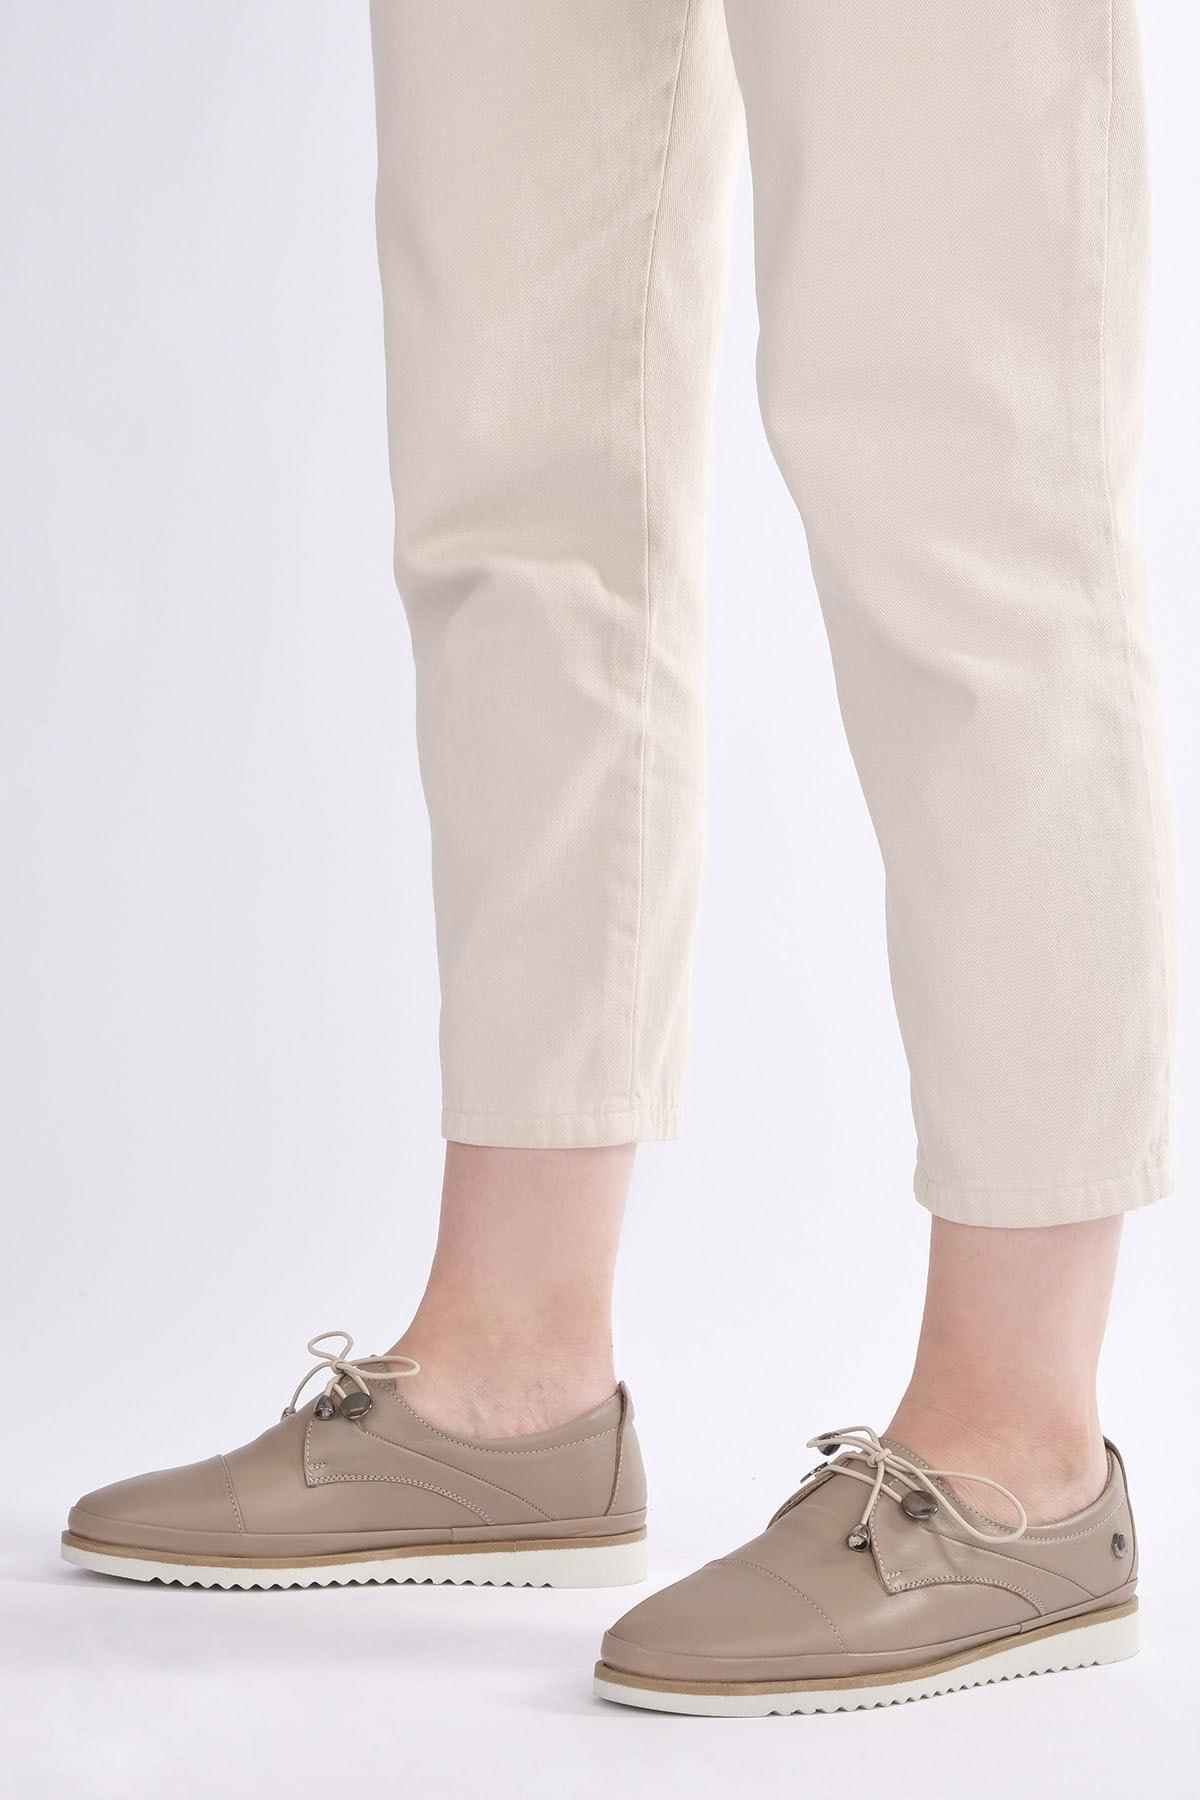 Marjin Demas Kadın Hakiki Deri Comfort AyakkabıVizon 0